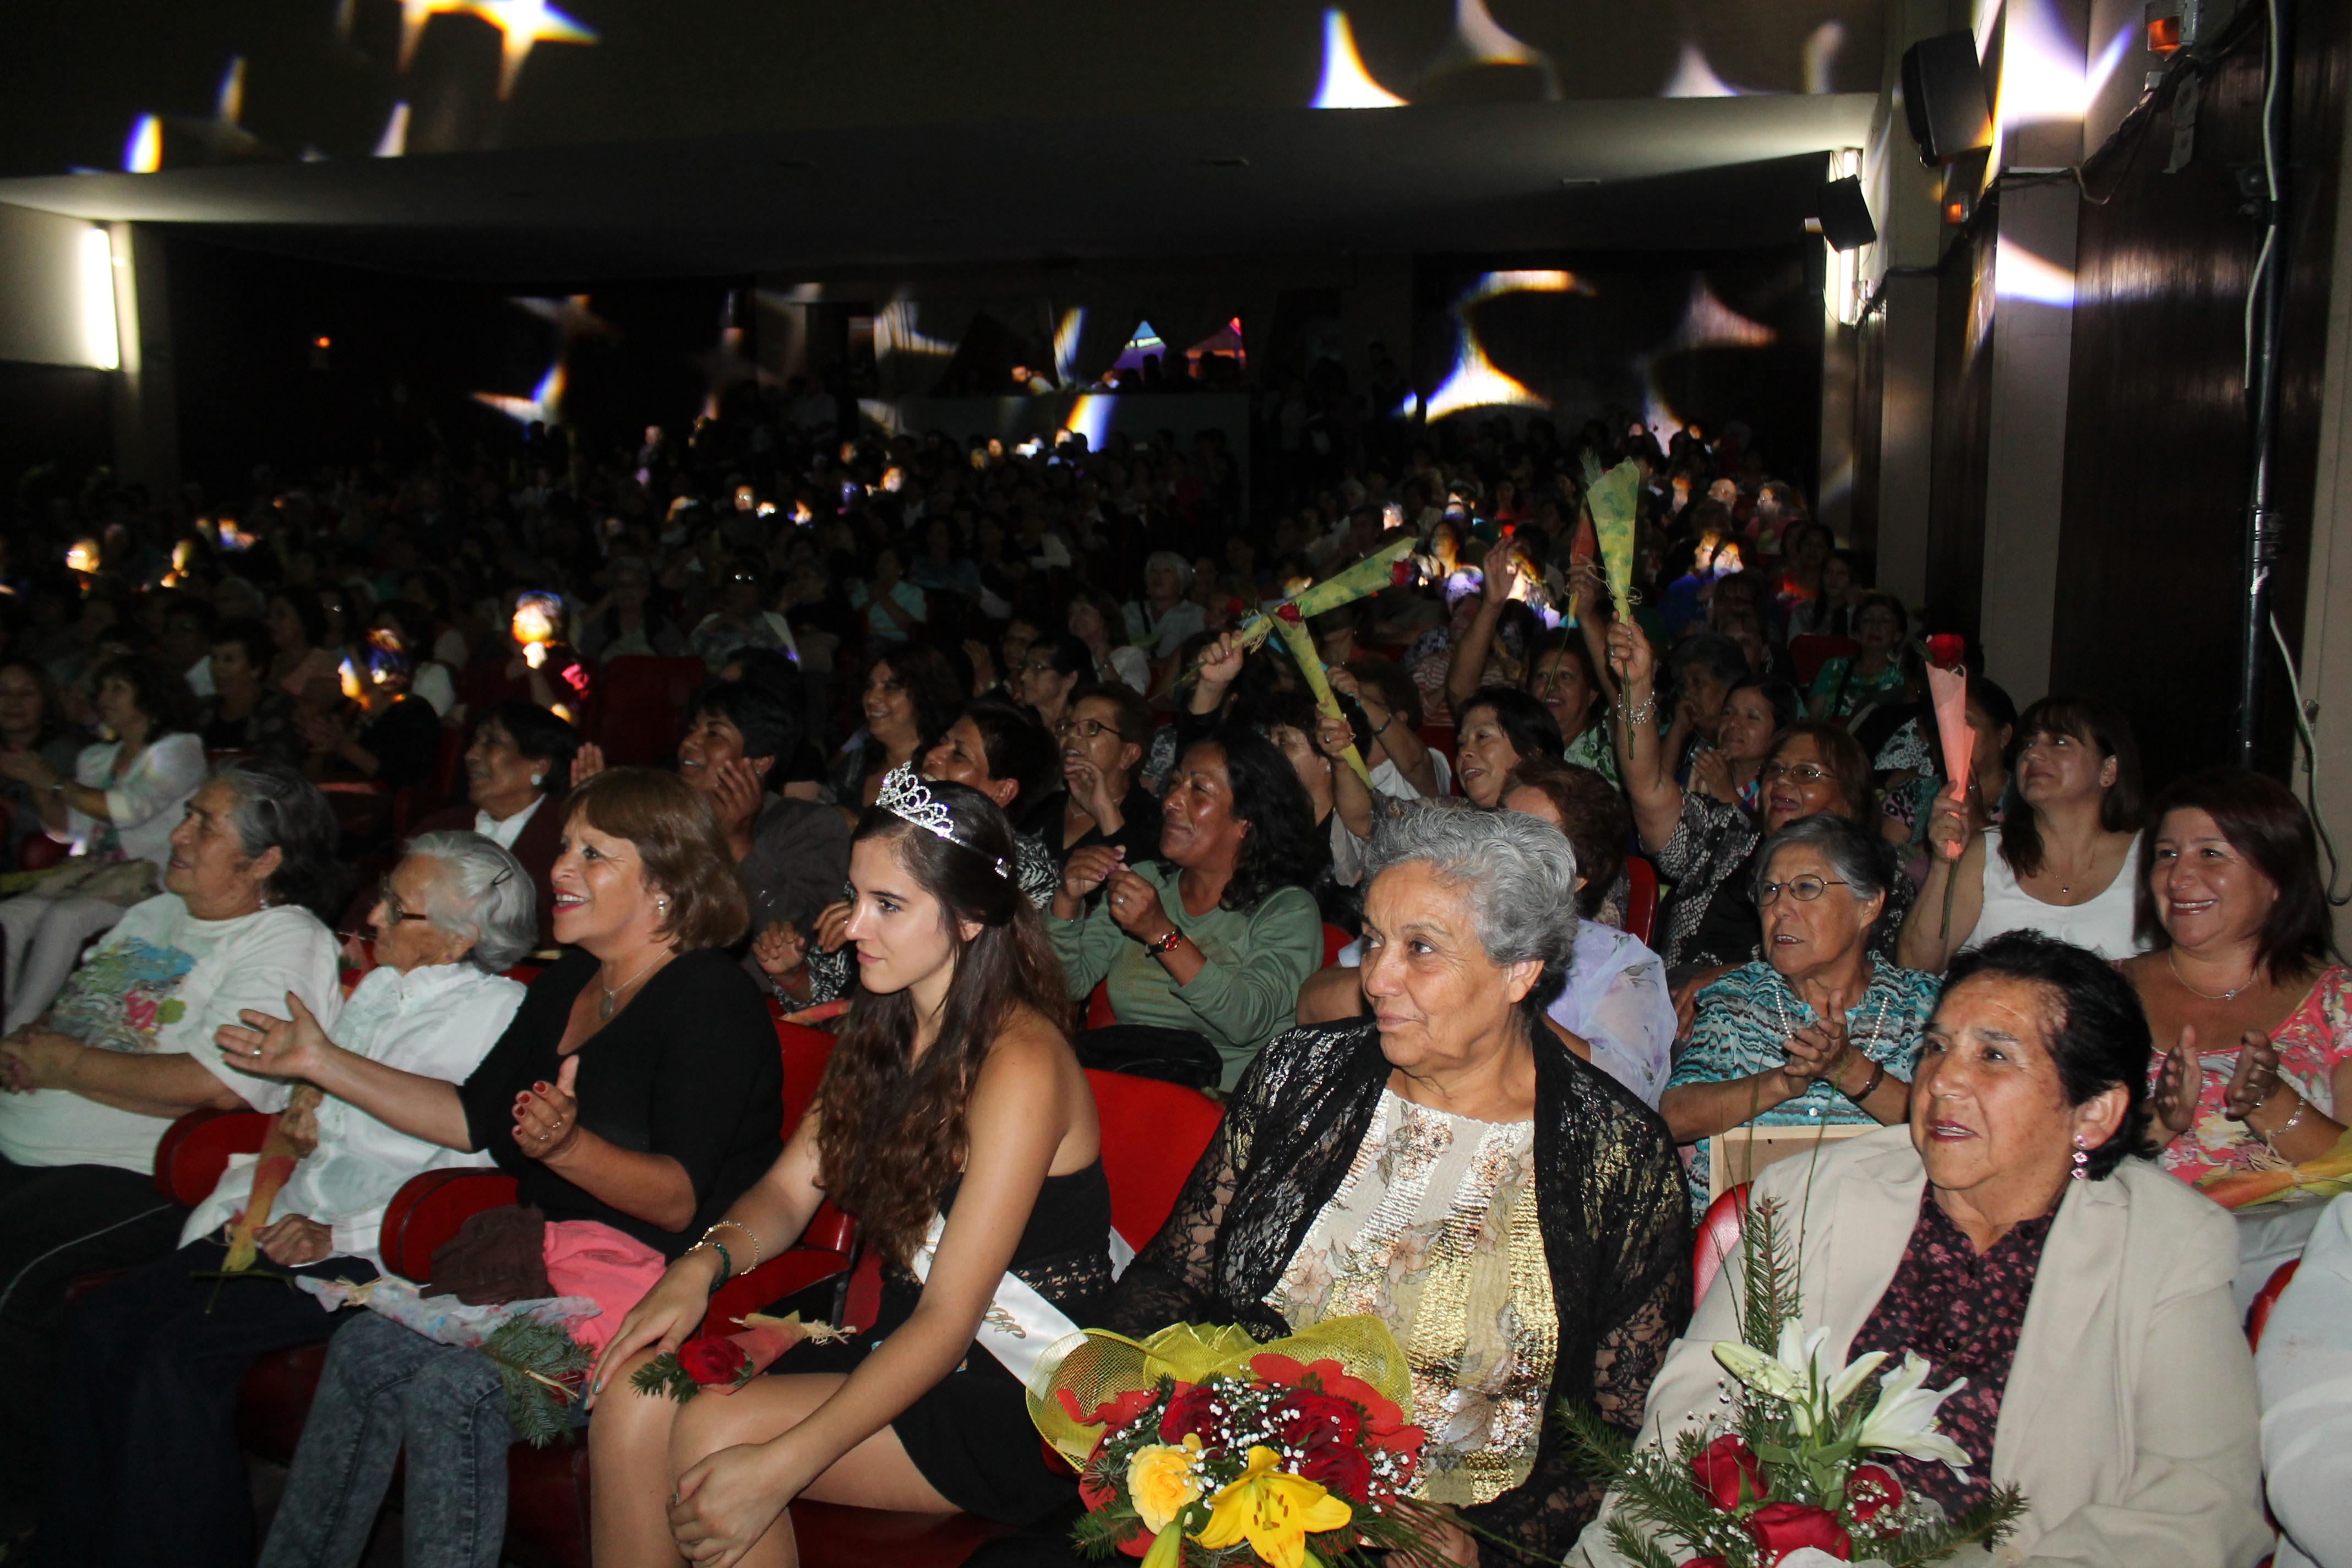 Hoy invitan a celebrar en grande el Día de la Mujer en Vallenar